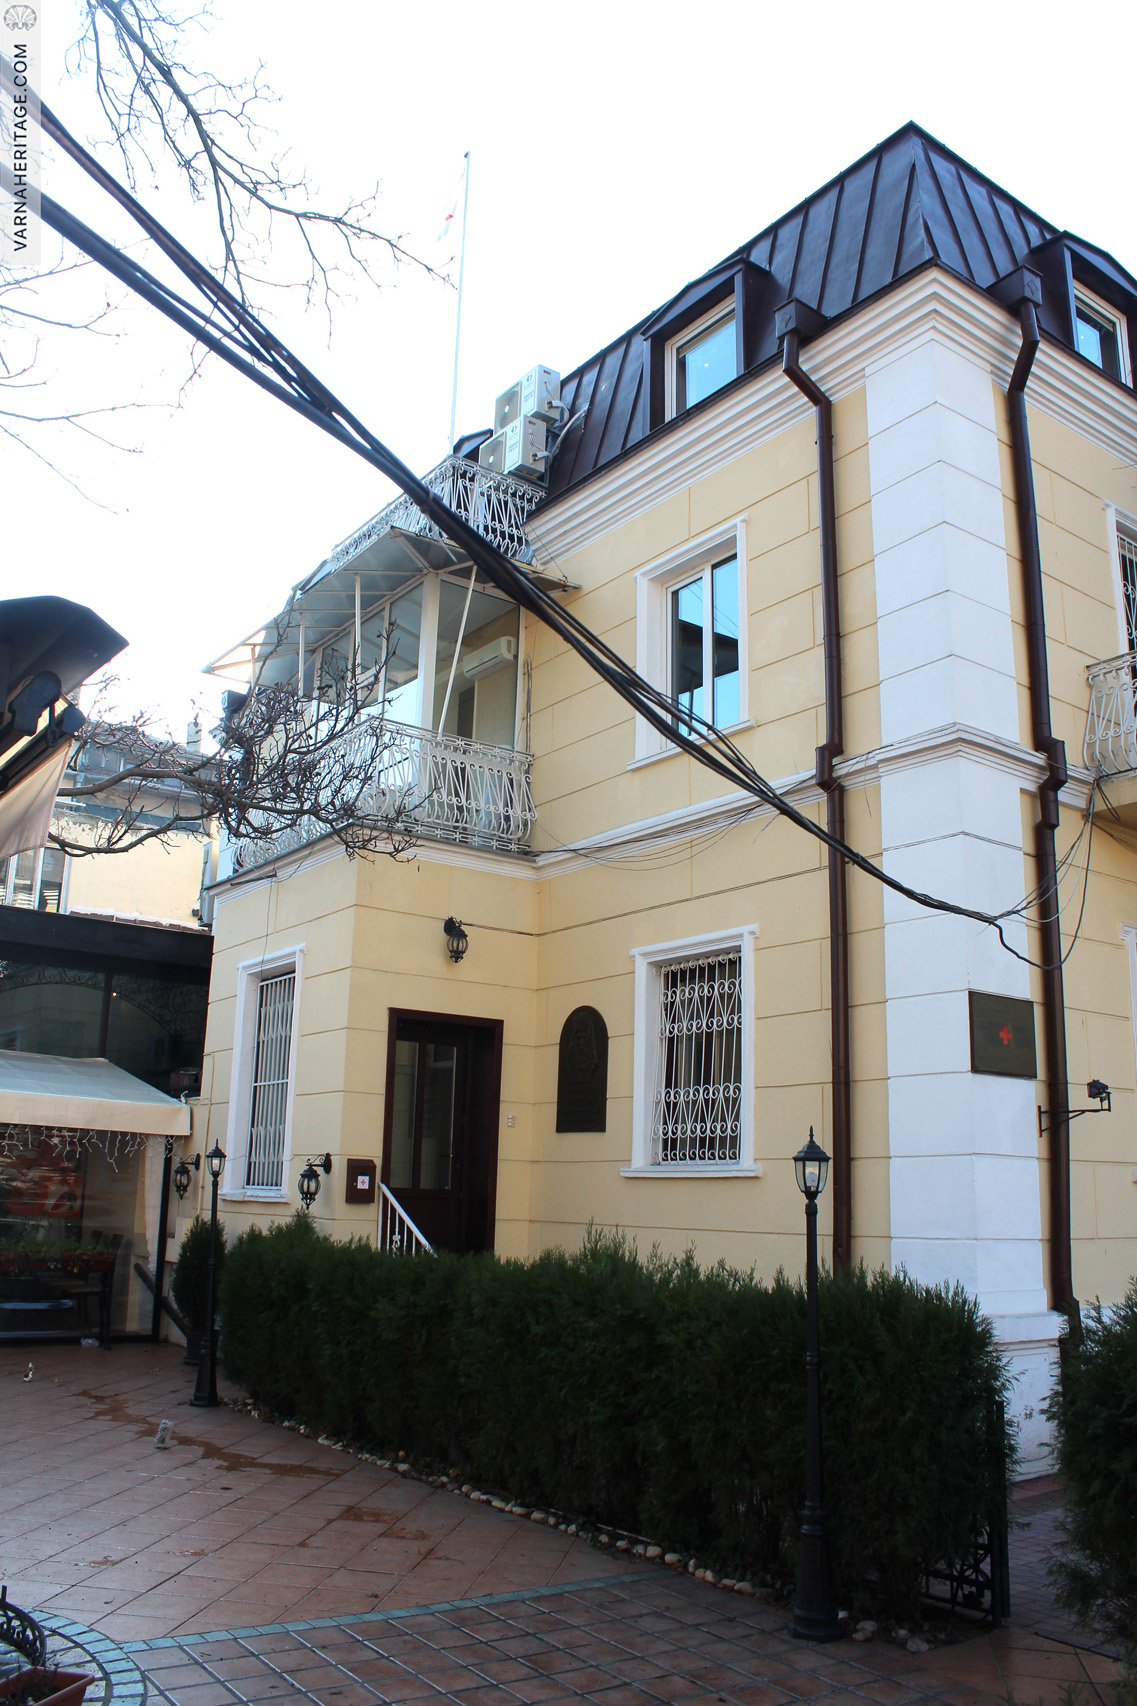 Снимка 2 - 2015 г.